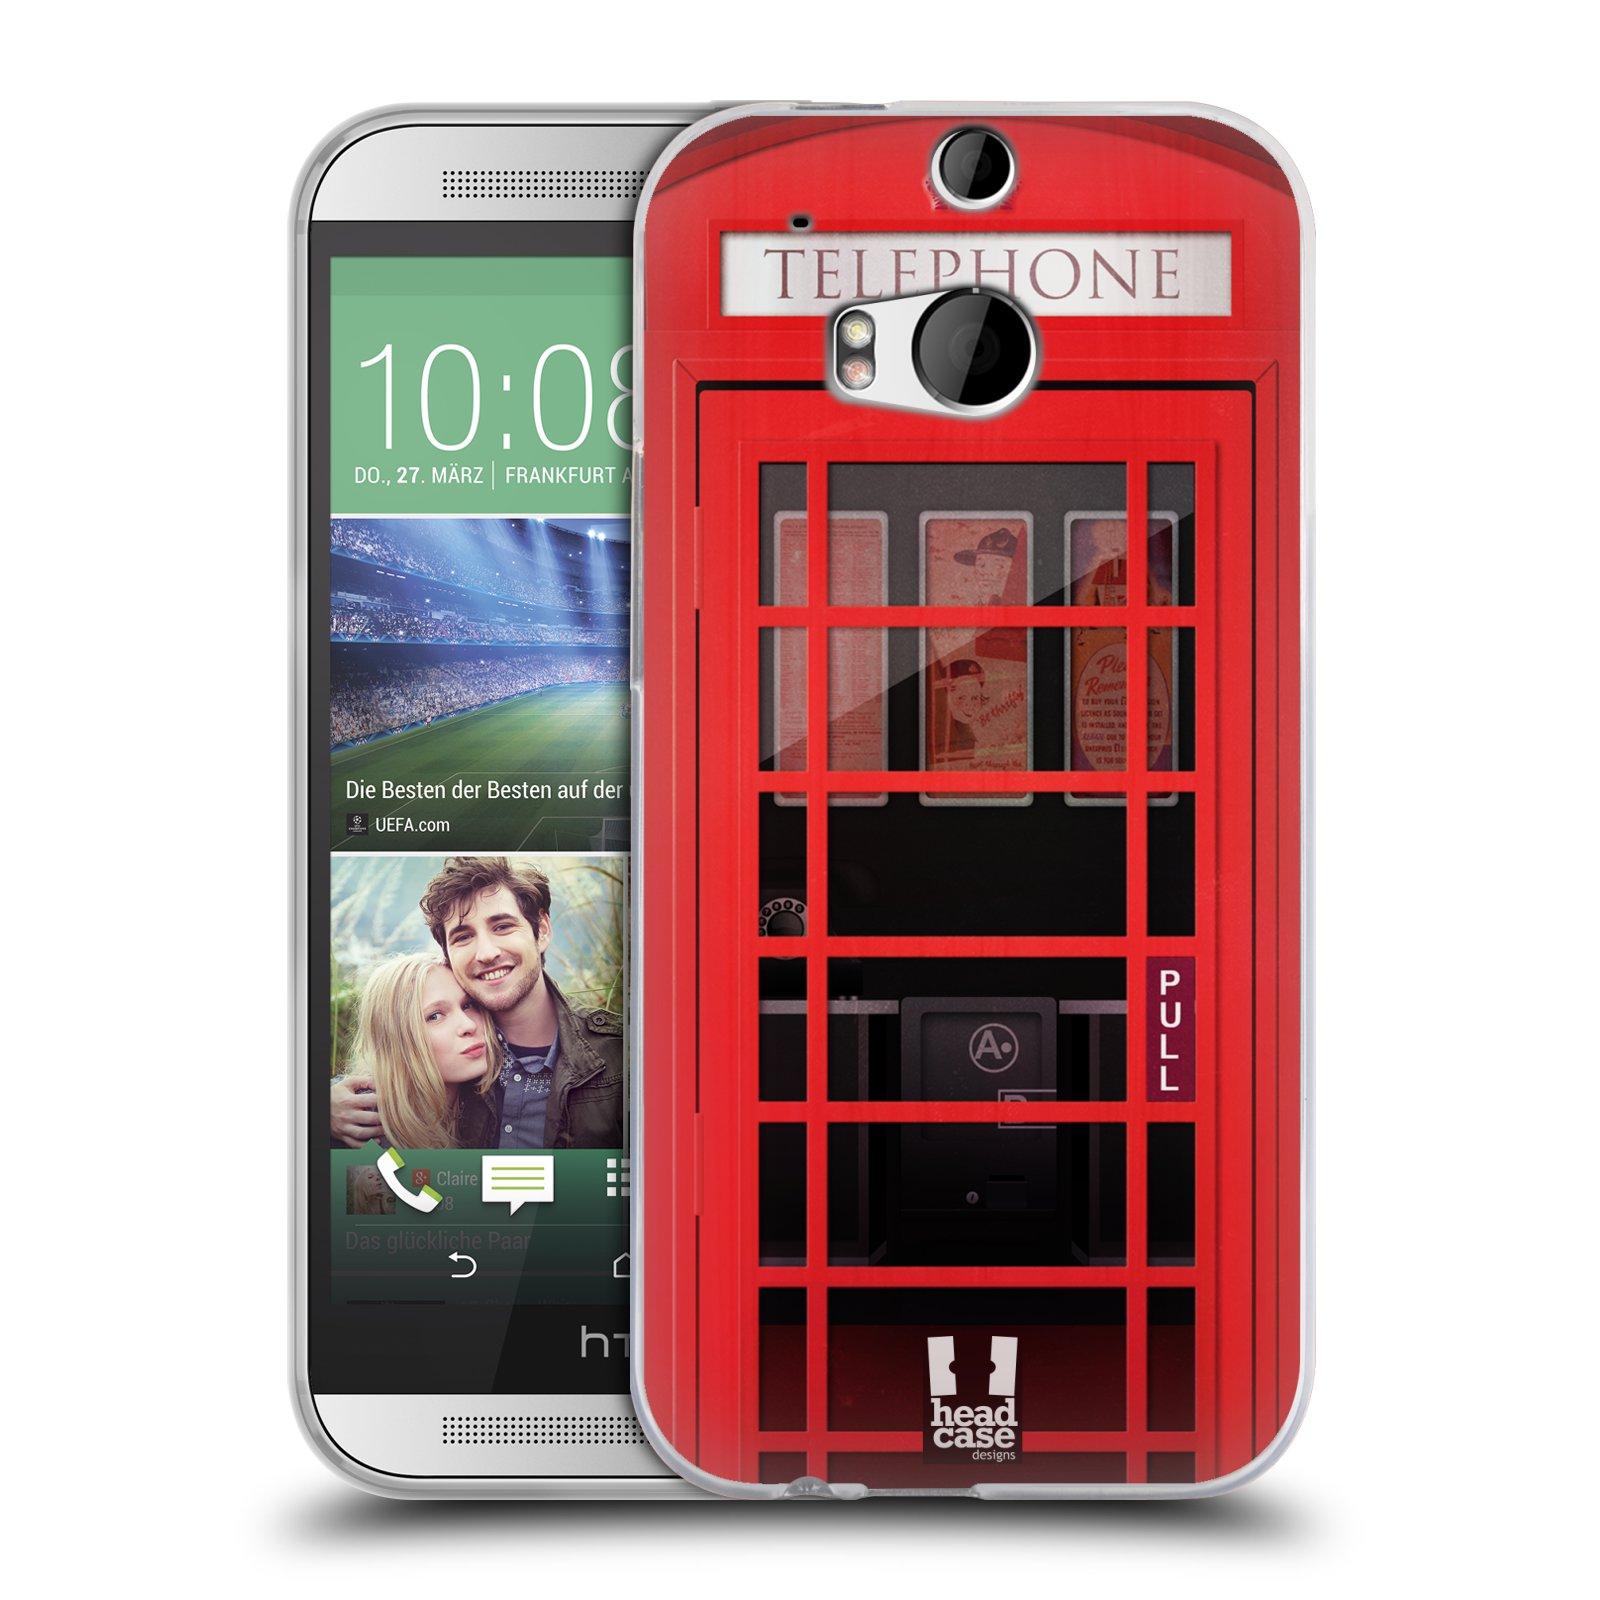 Silikonové pouzdro na mobil HTC ONE M8 HEAD CASE TELEFONNÍ BUDKA